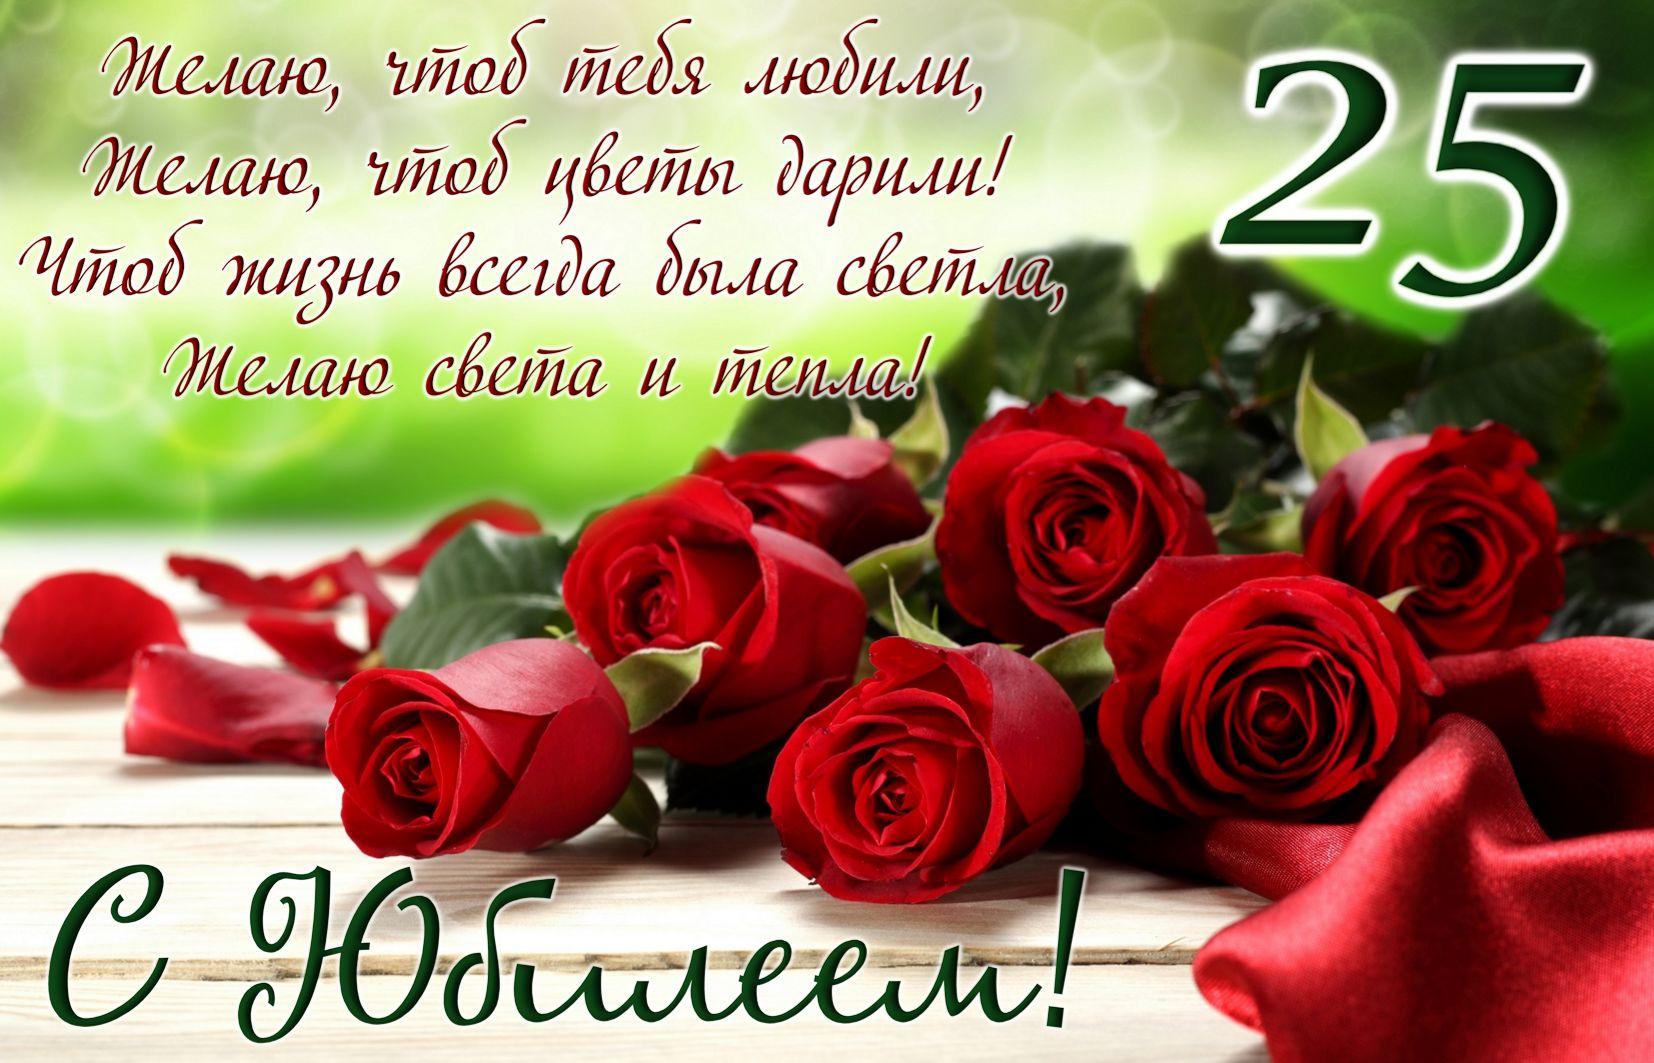 Открытка с юбилеем на 25 лет - пожелание с розами на столе